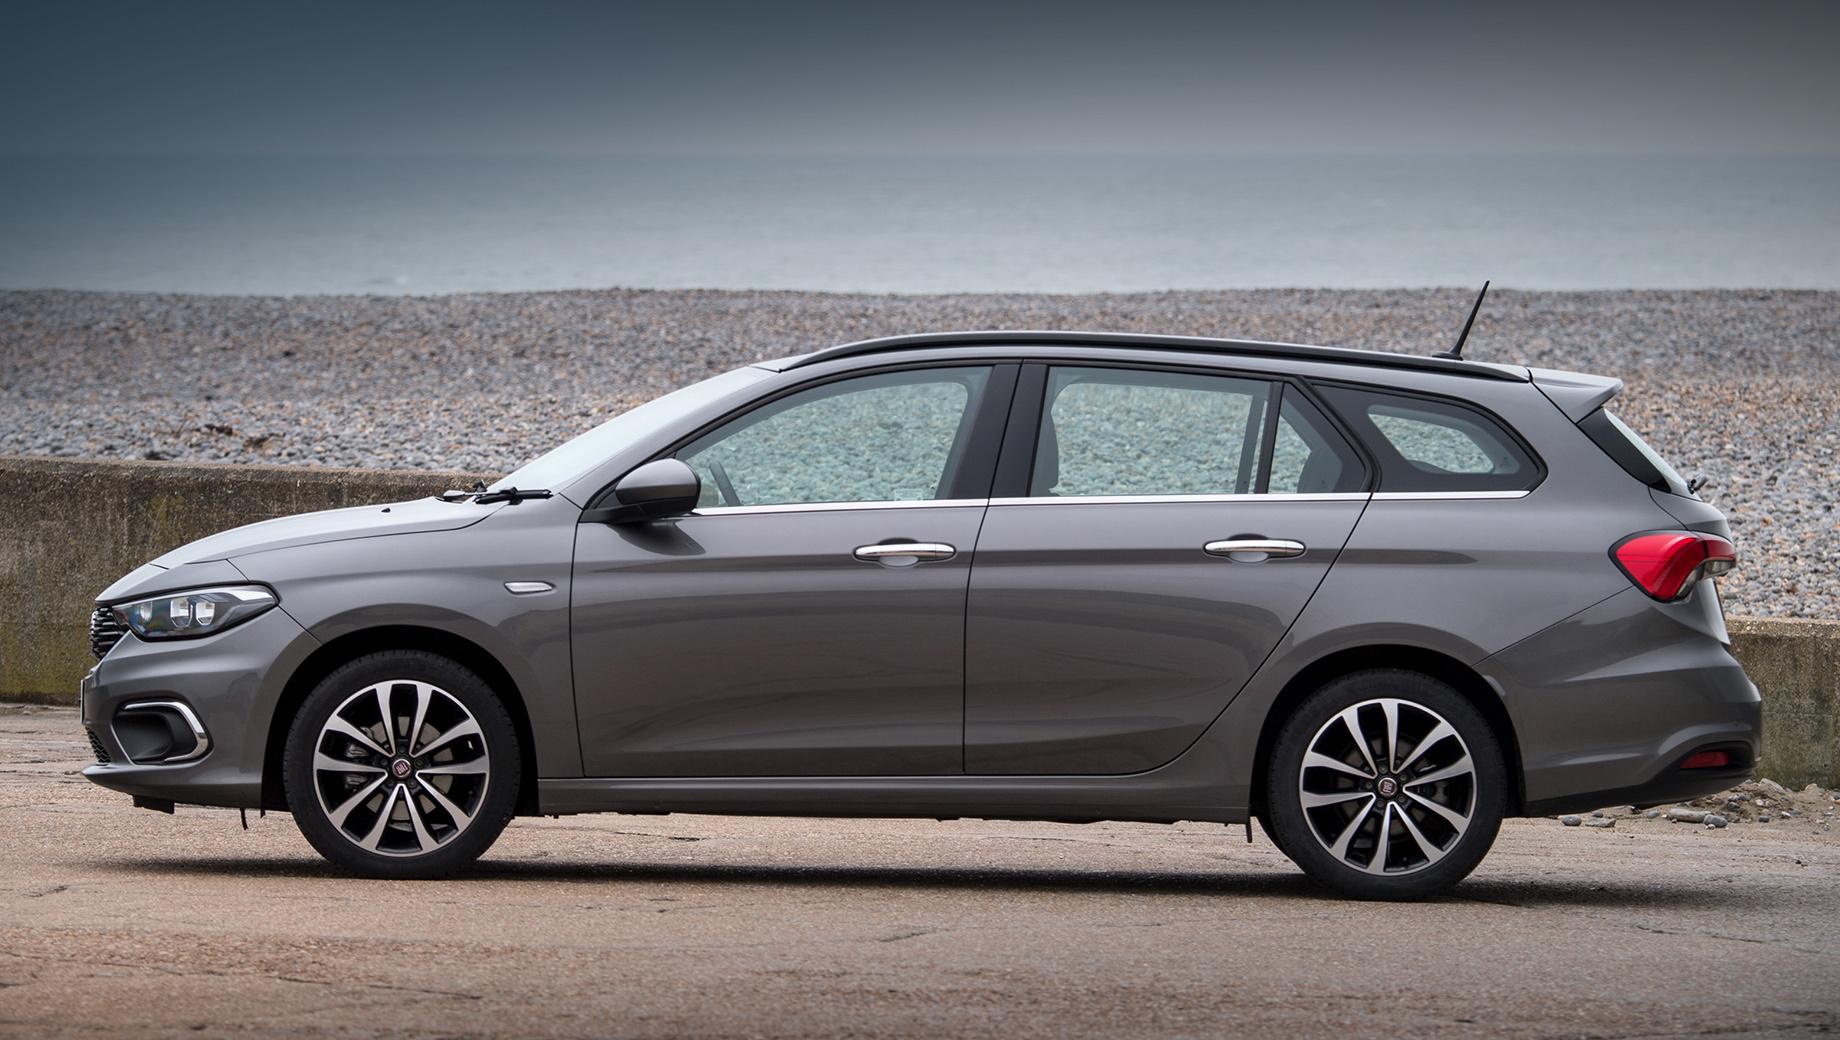 Fiat tipo. Продажи модернизированного Фиата Tipo начнутся во второй половине 2020 года. Предположительно, цены в Италии будут стартовать с 16 тысяч евро (1,3 млн рублей). Сейчас наиболее доступный вариант оценивается в 15 тысяч евро (1,2 млн).